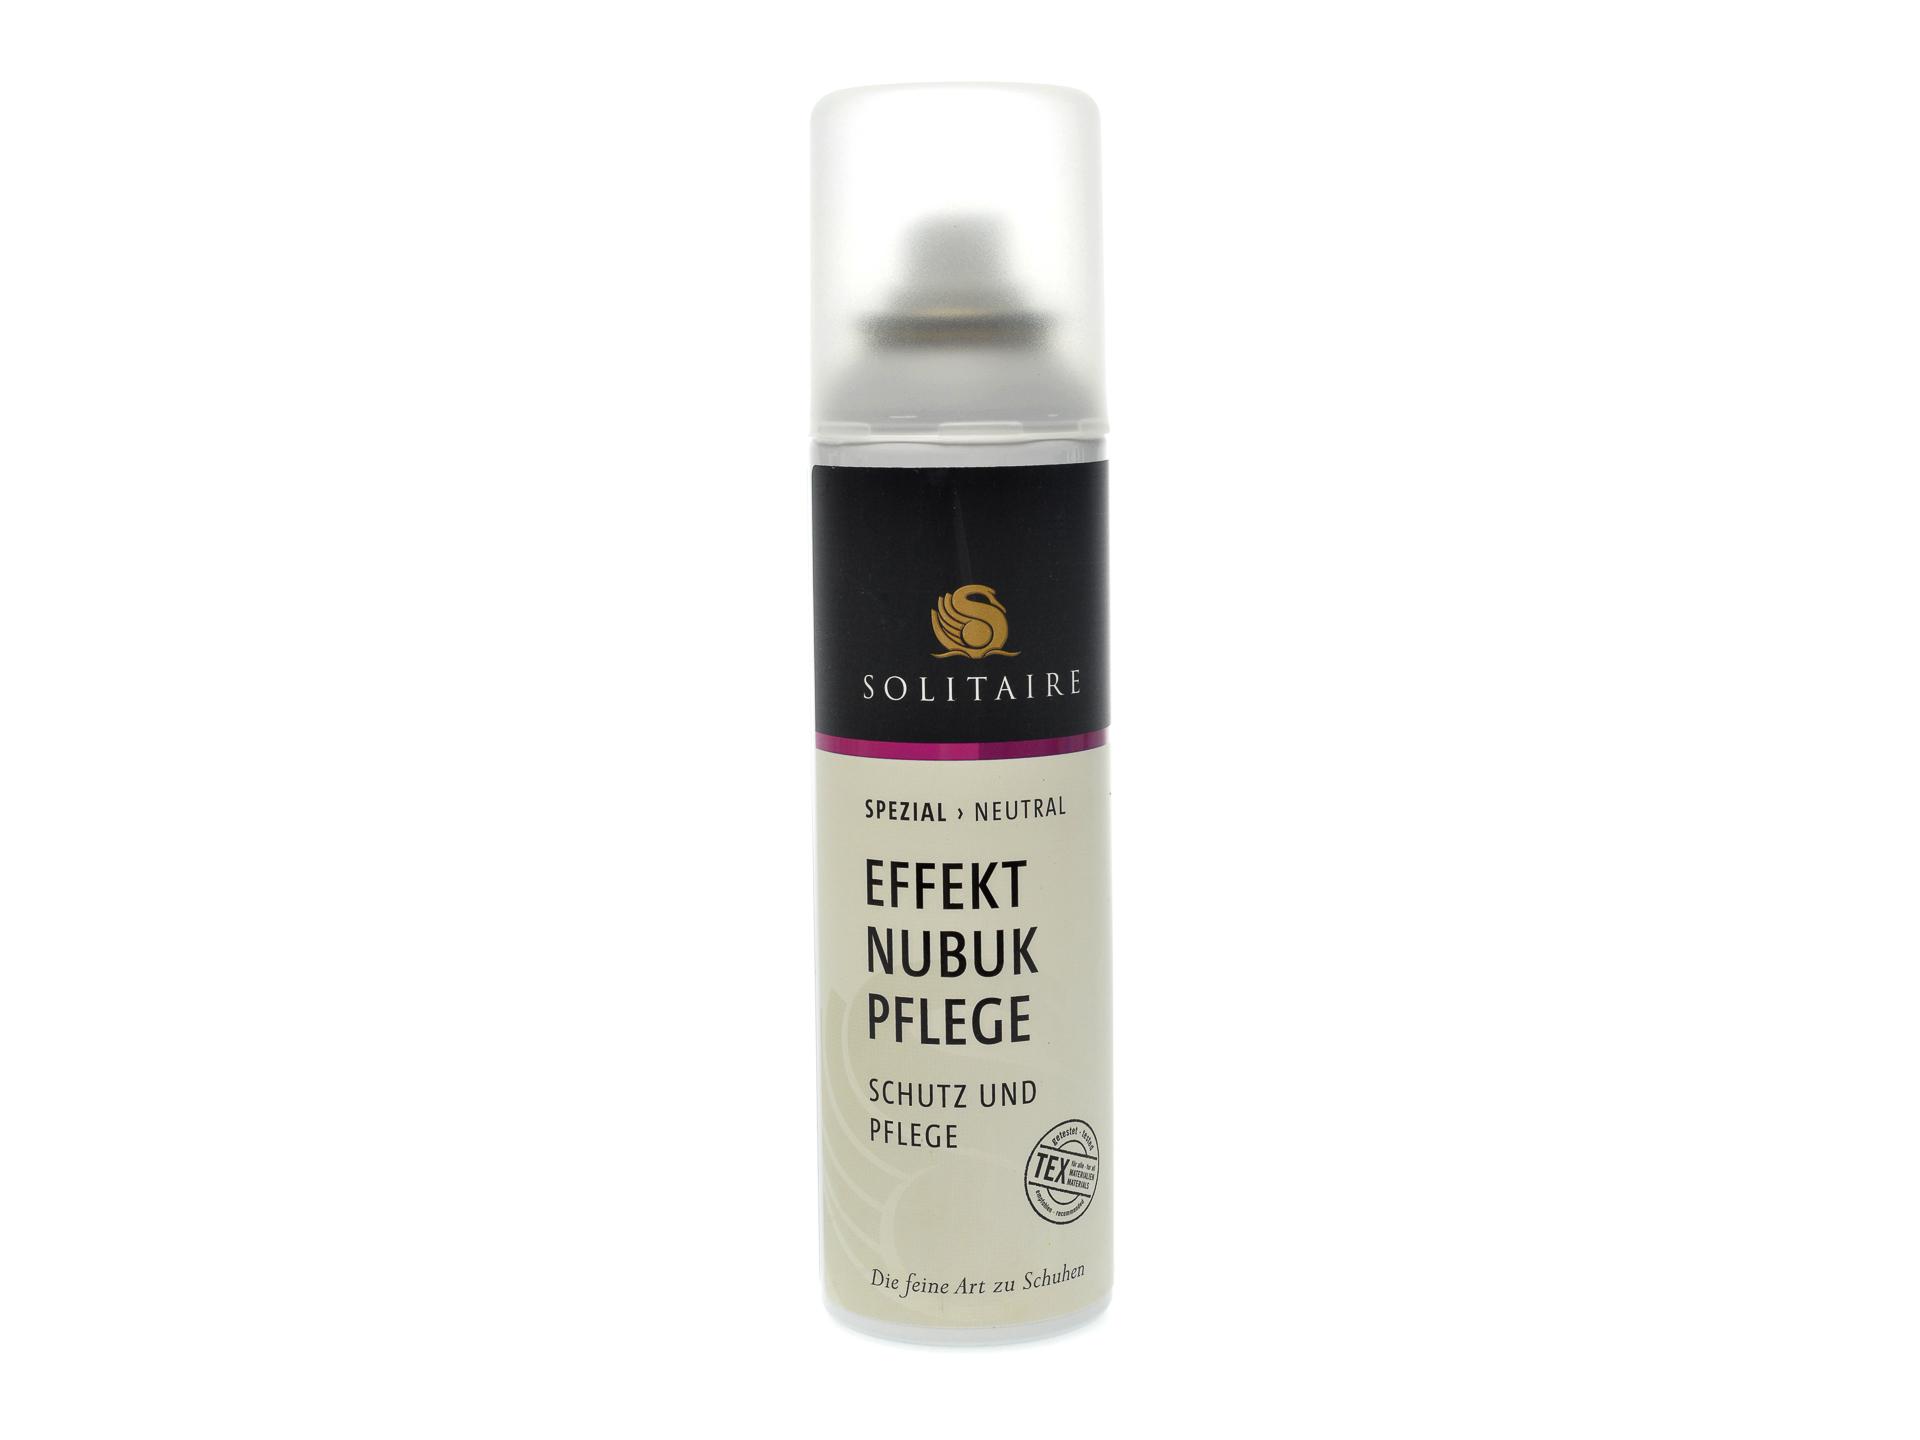 Spray pentru curatarea nabucului, Solitaire imagine otter.ro 2021